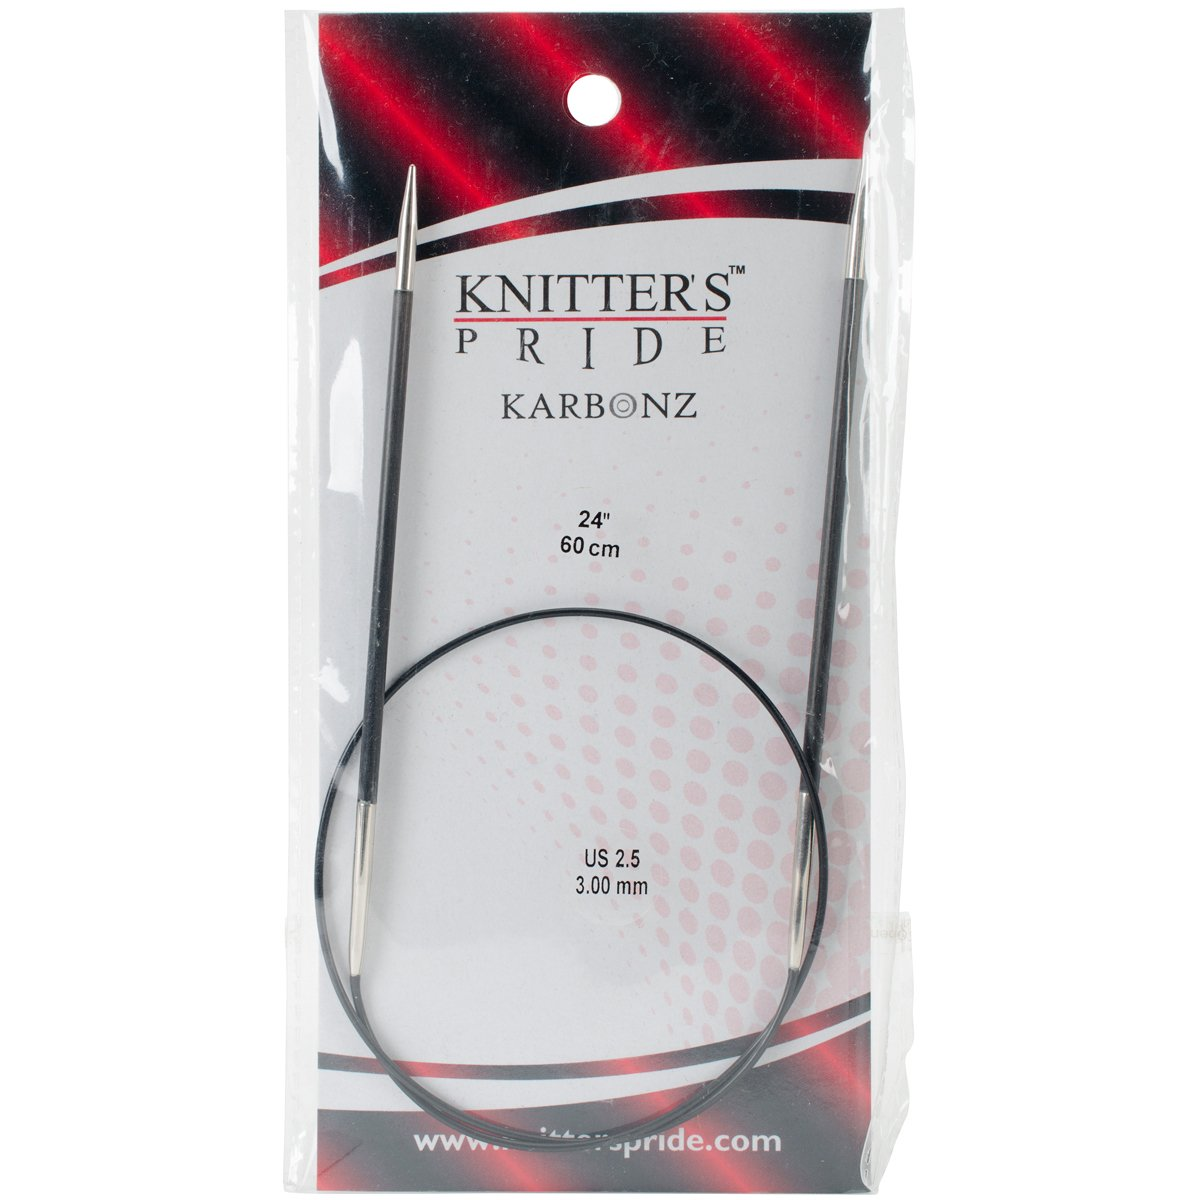 Knitter/'s Pride 10 US 24 in :Karbonz Circular Needles: